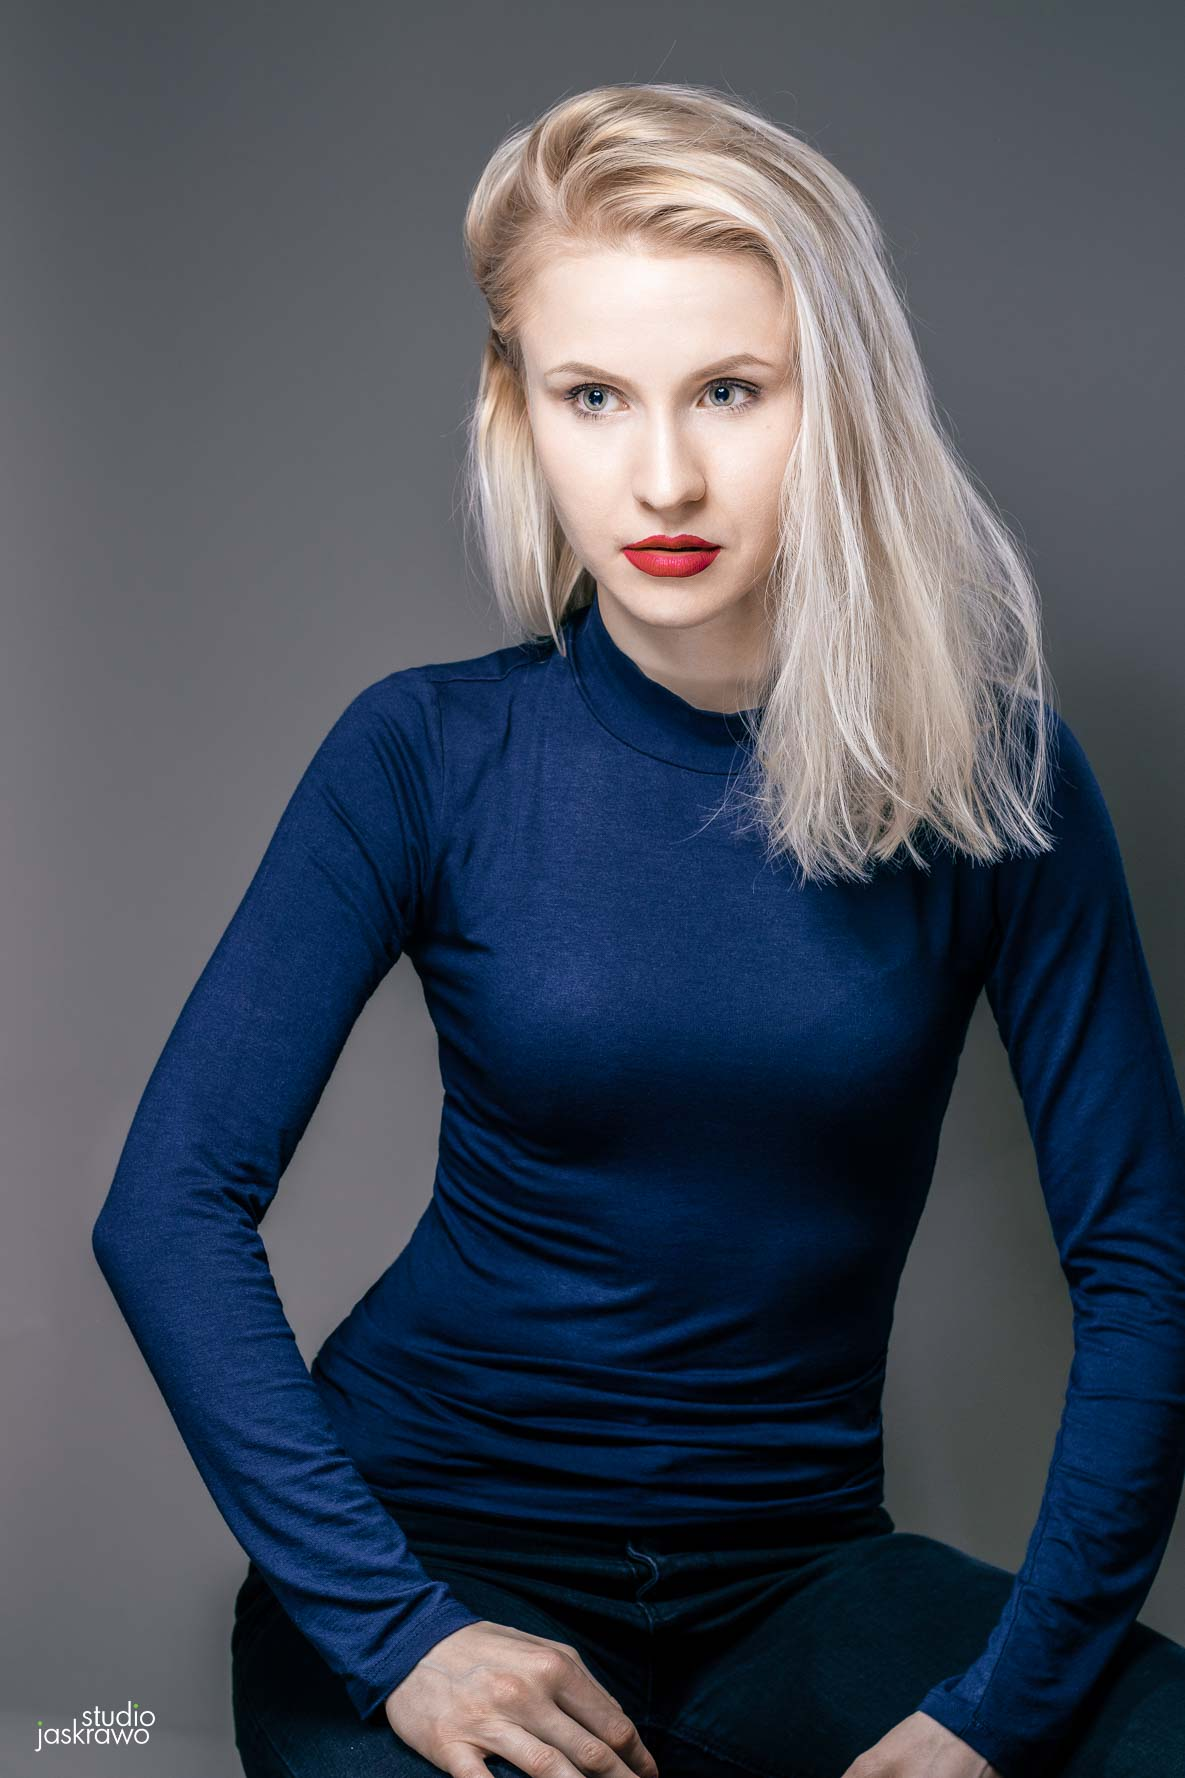 blondynka w niebieskiej bluzce z pomalowanymi czerwonymi ustami